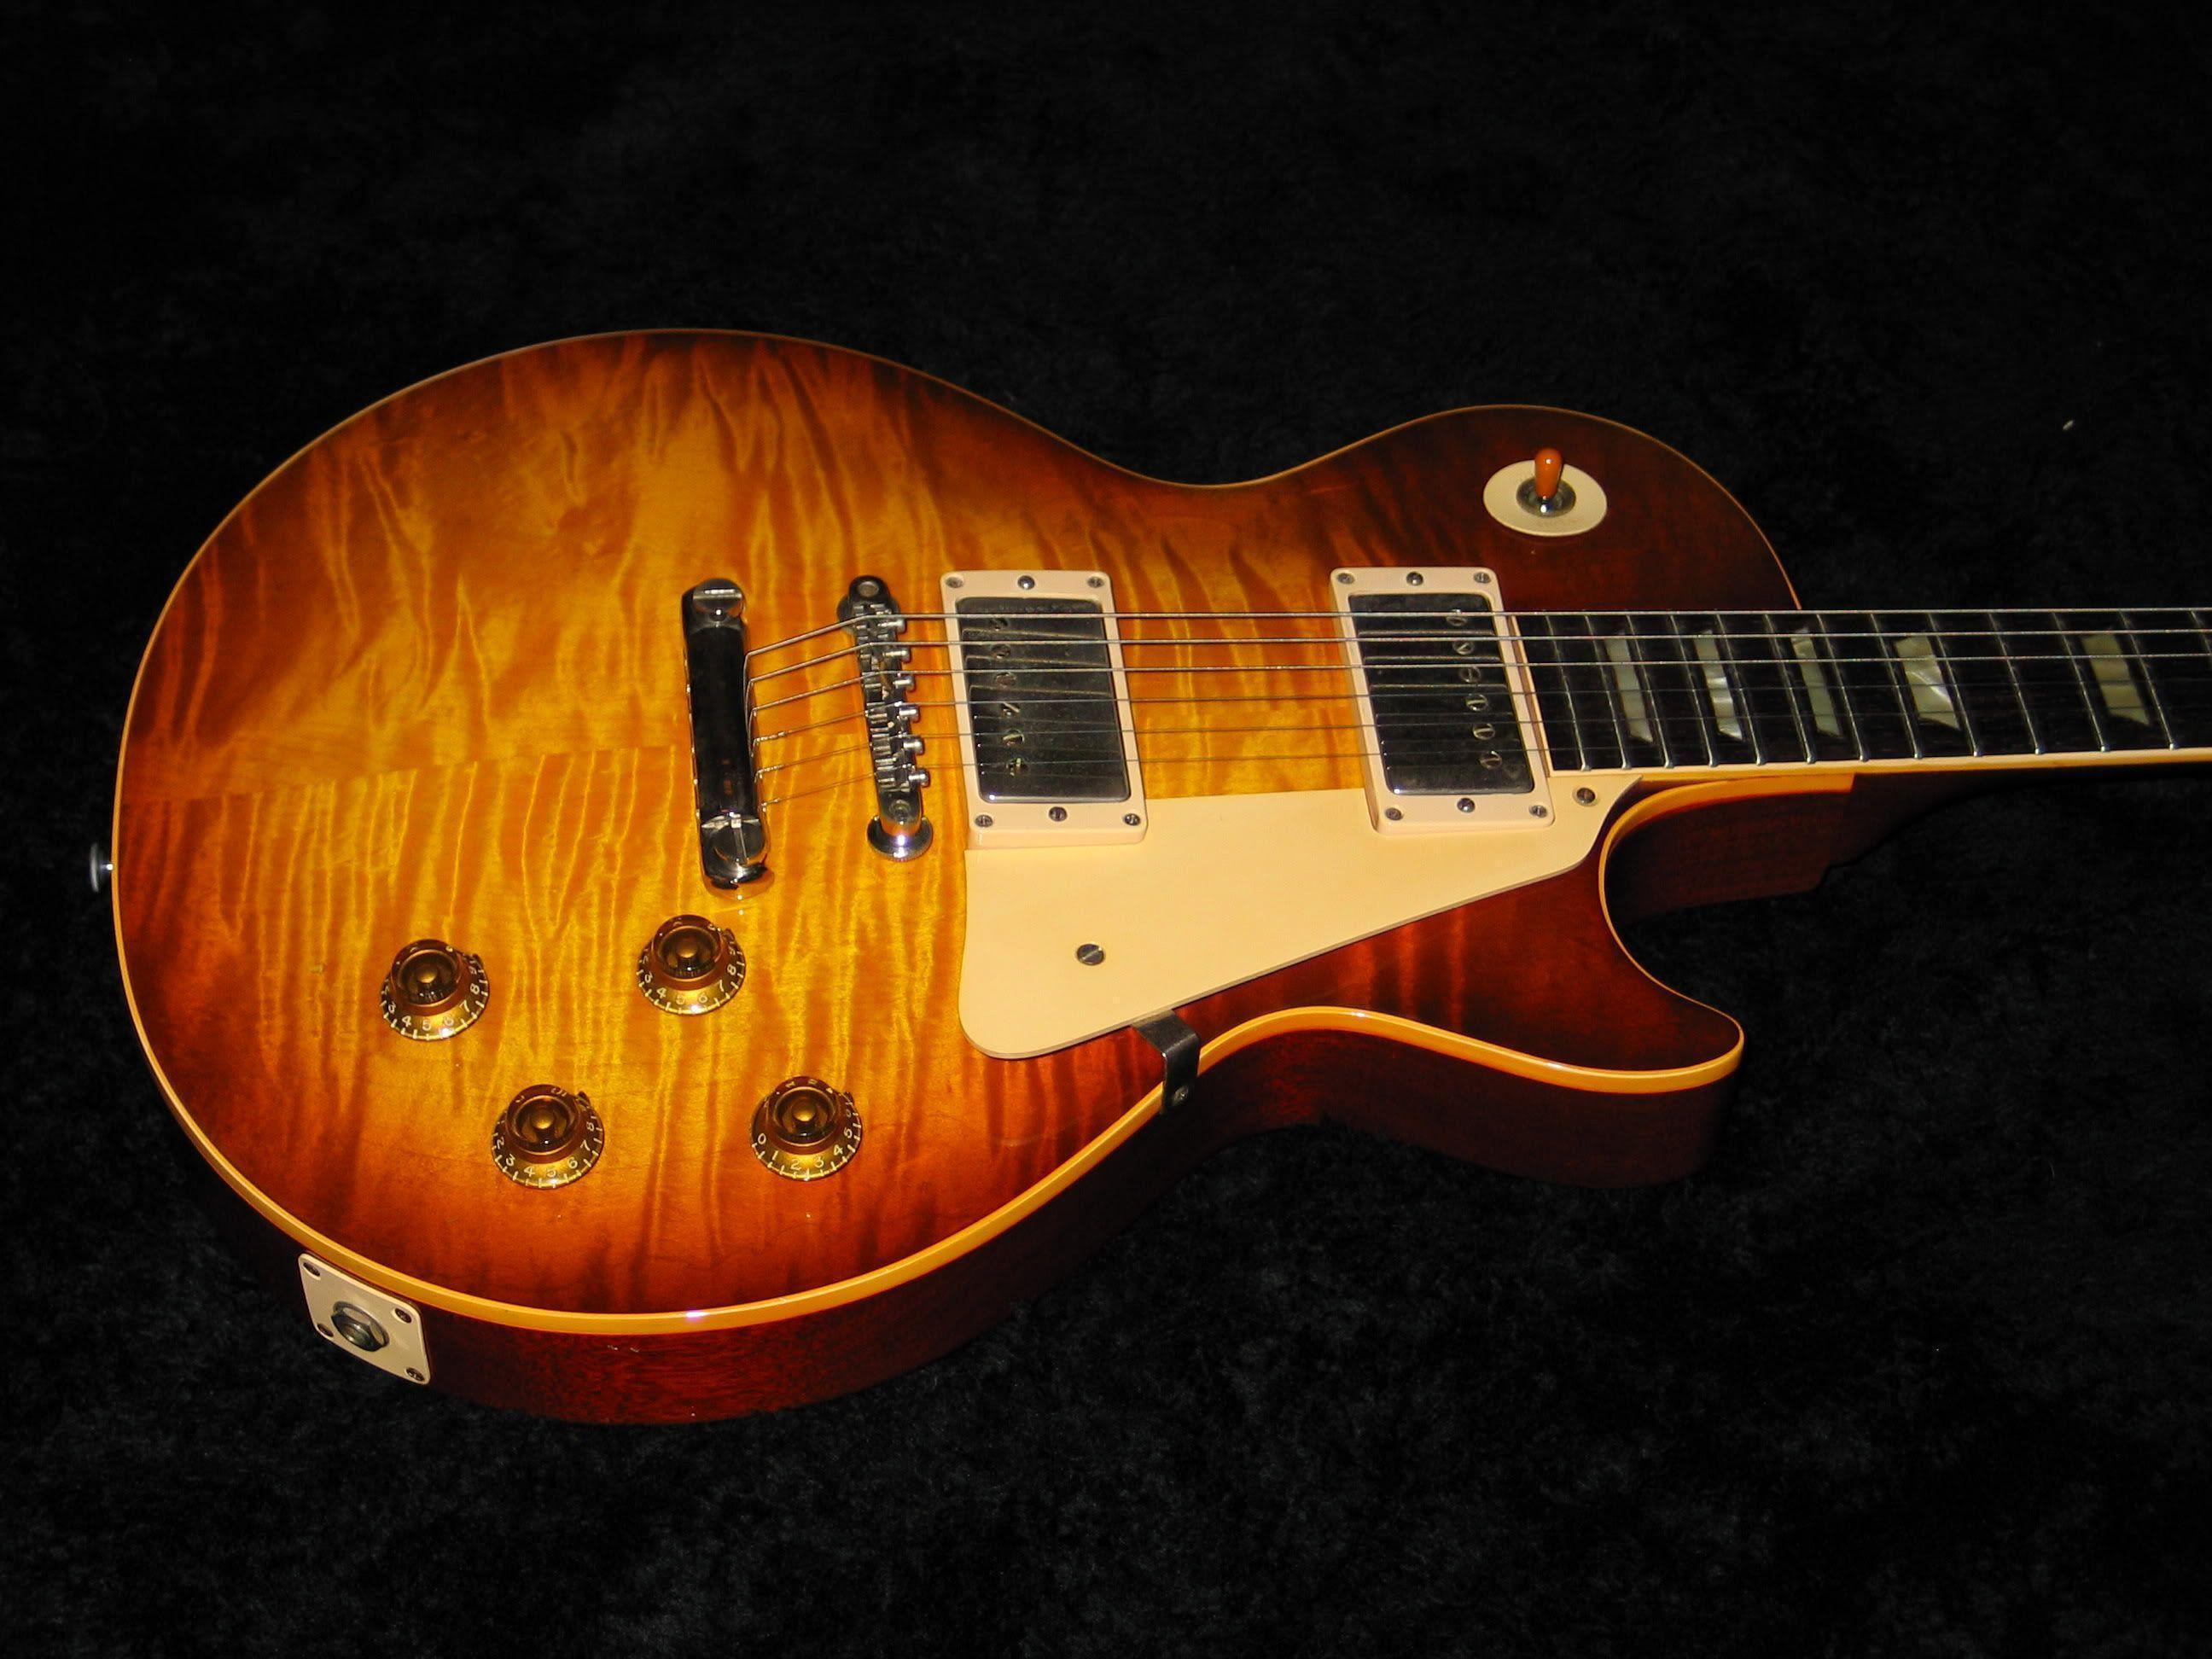 guitar wallpaper les paul - photo #27